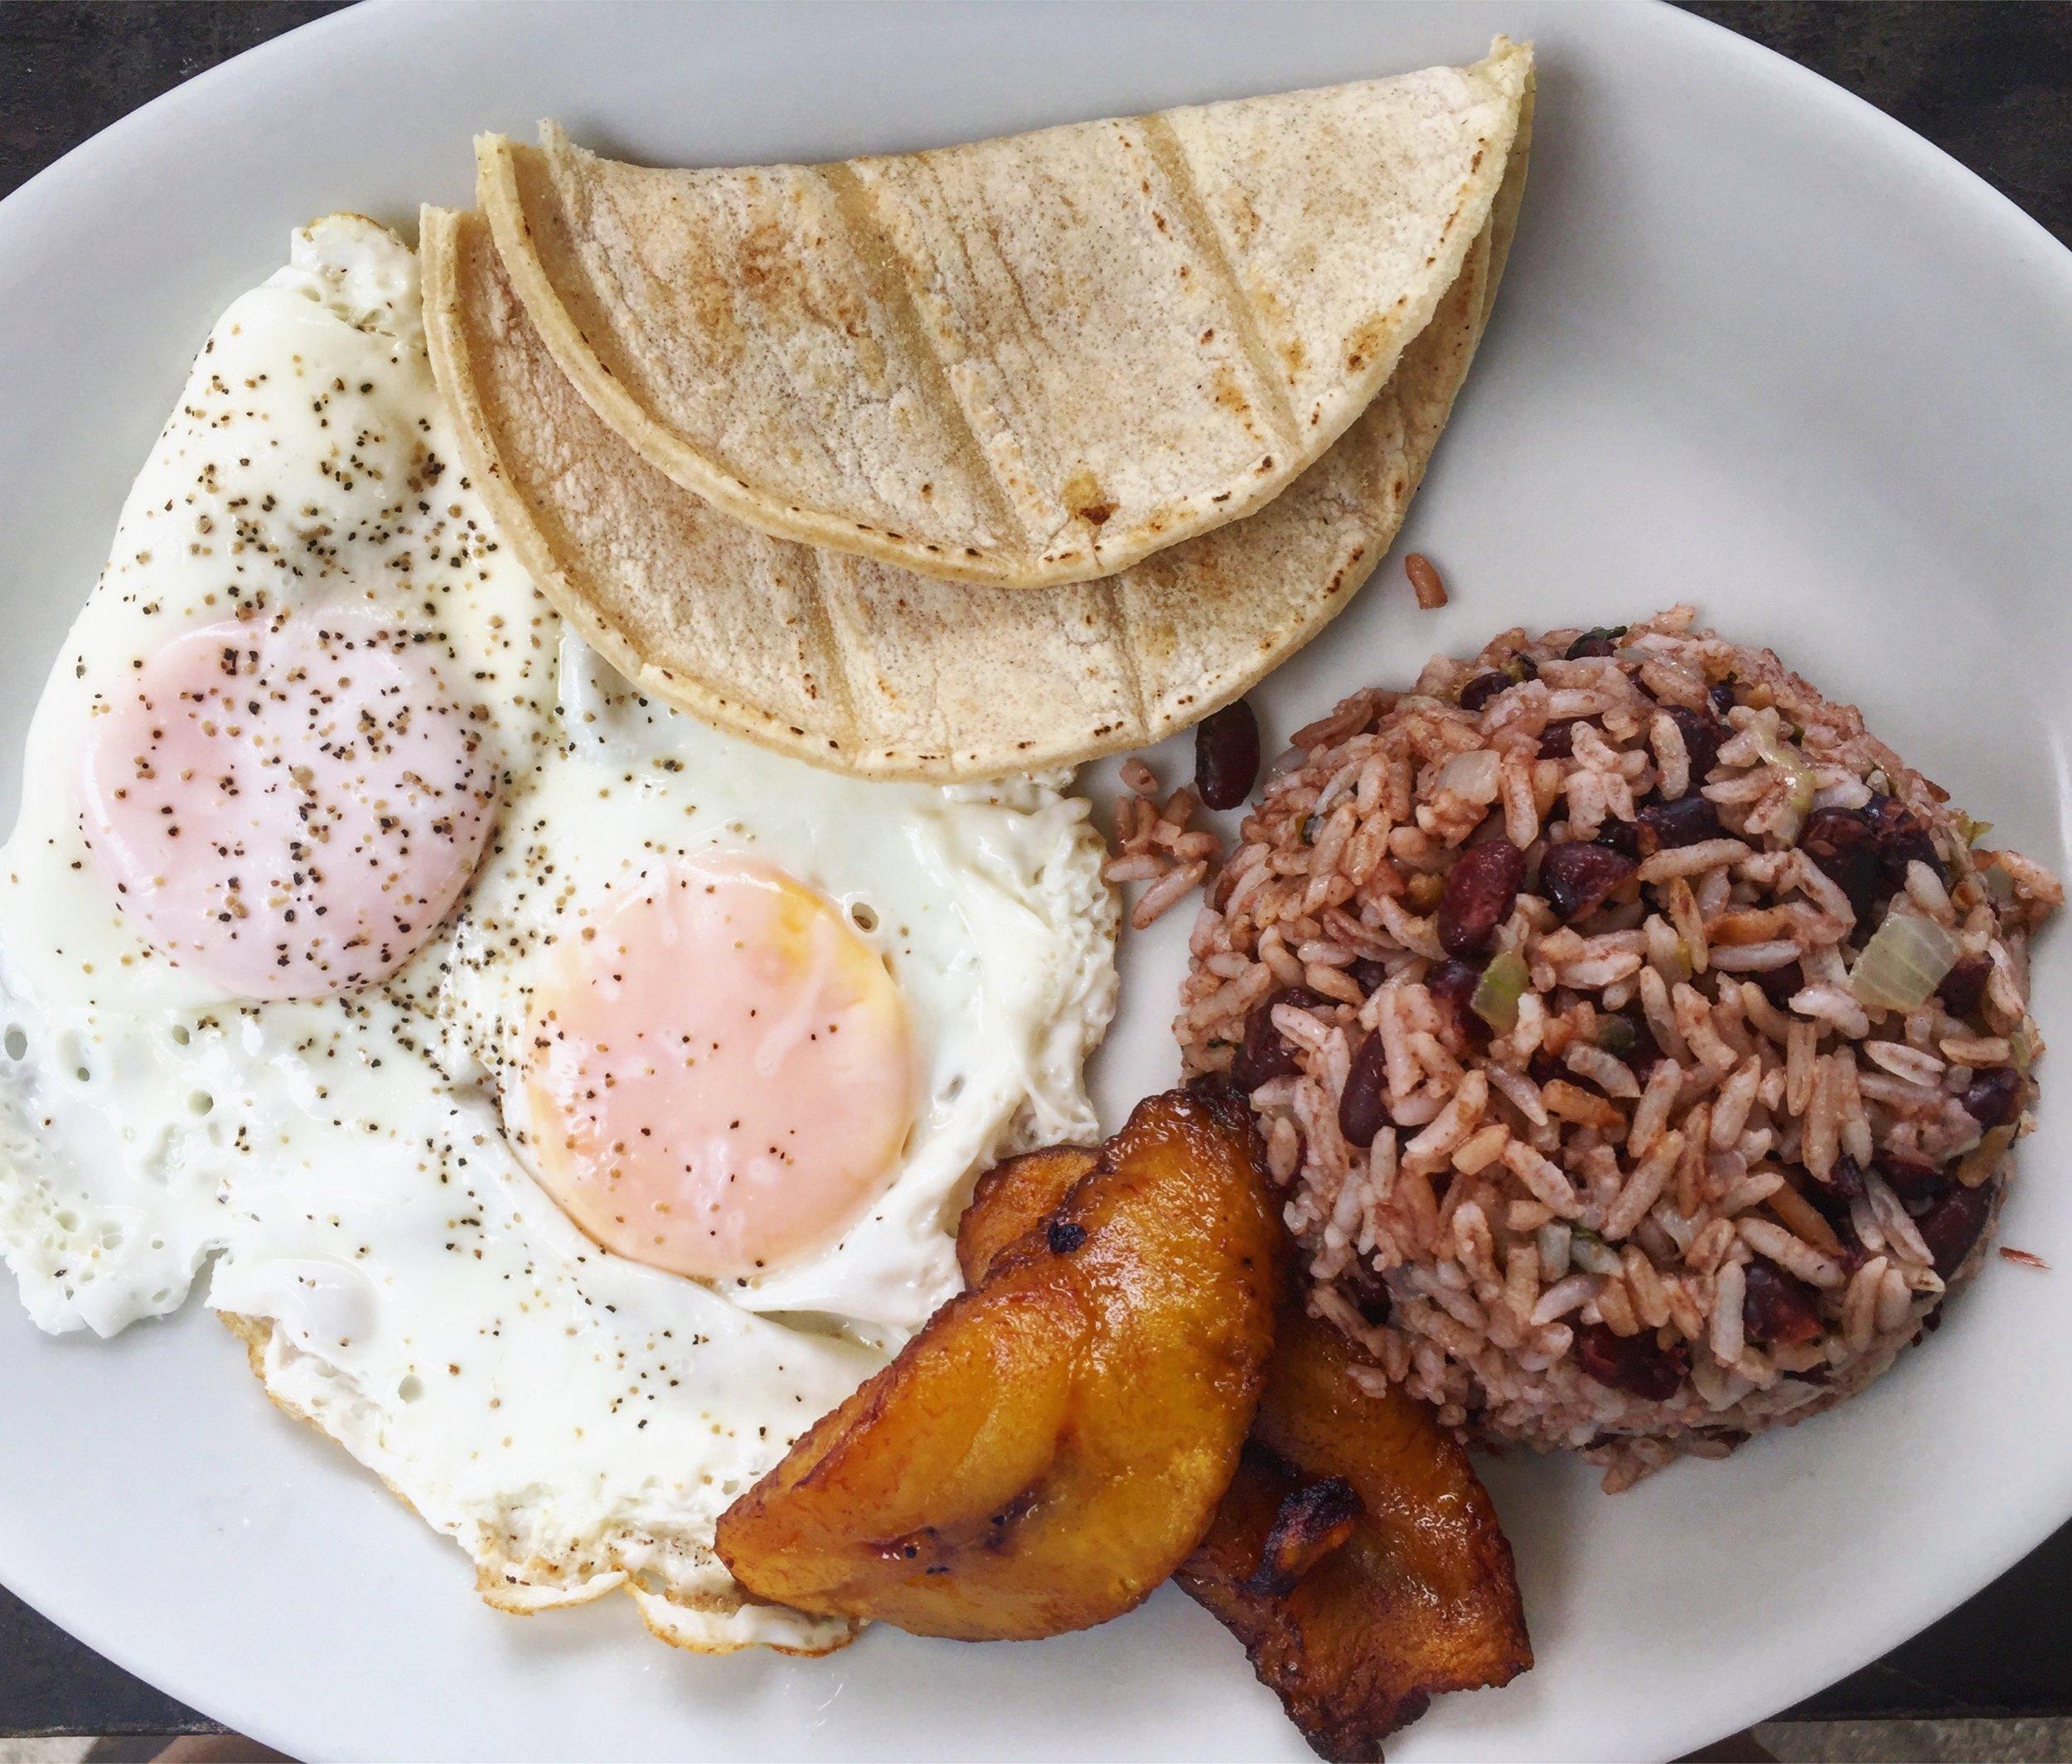 Desayuno Típico (Typical Costa Rican Breakfast)